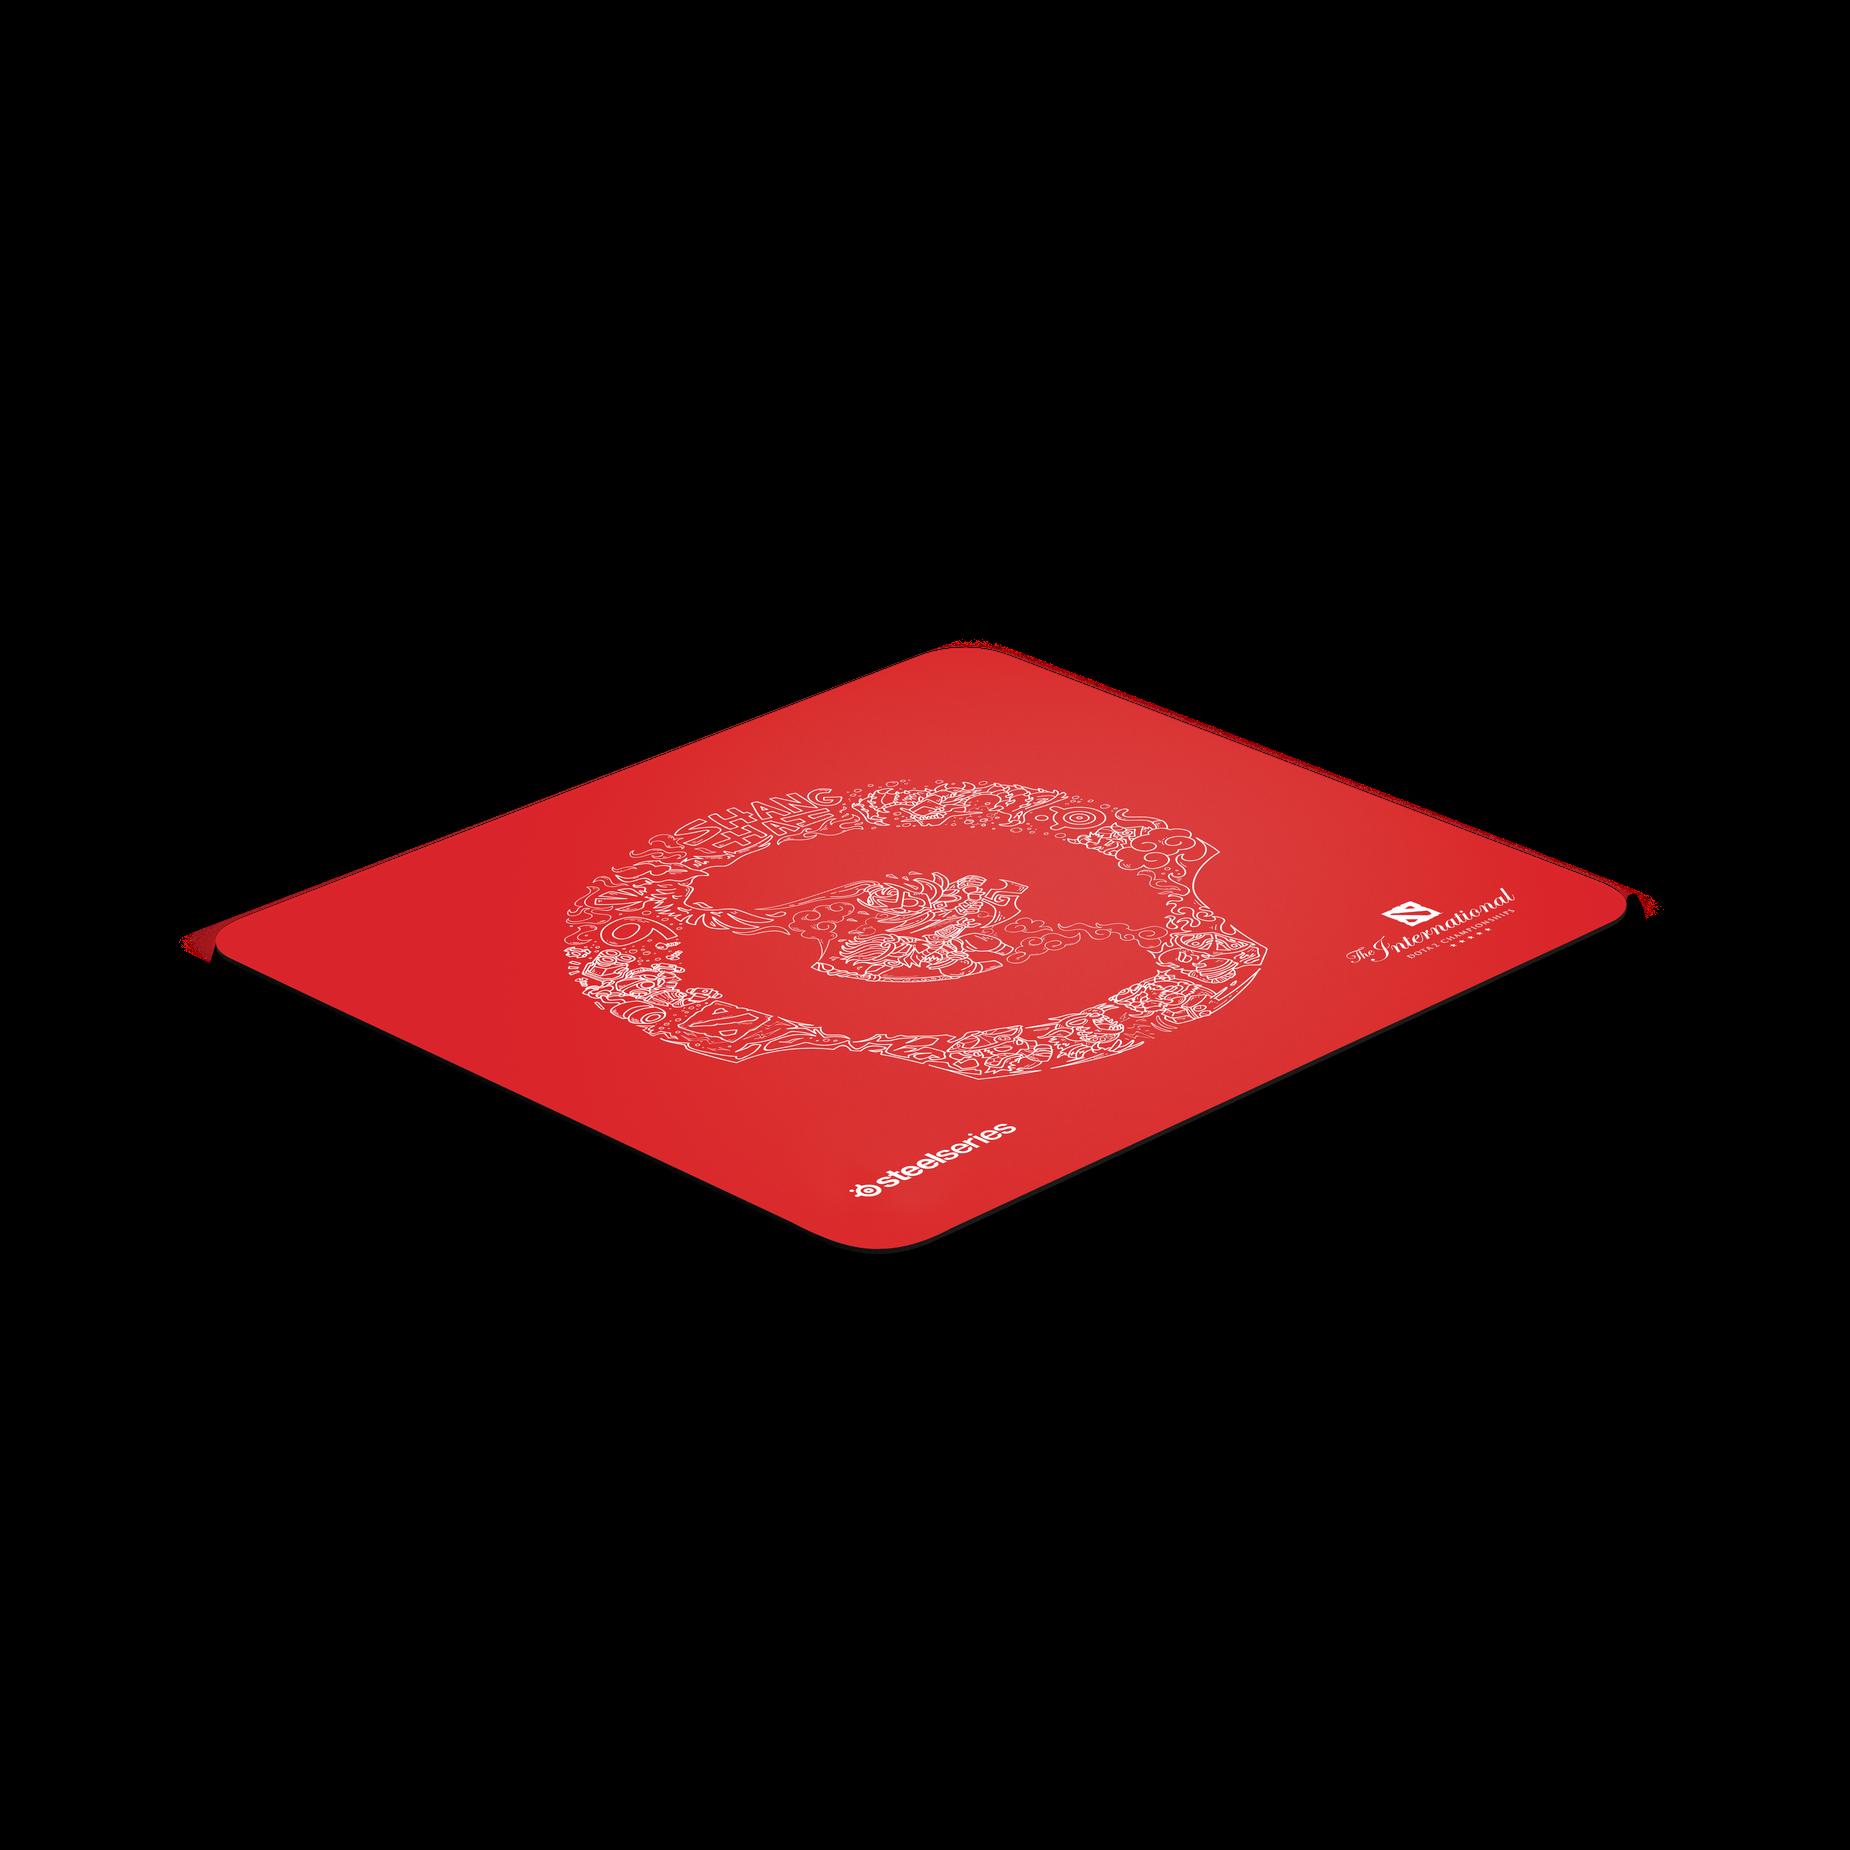 QcK Large Dota 2 TI9 Editionのサムネイル2、ダイアログが開きます